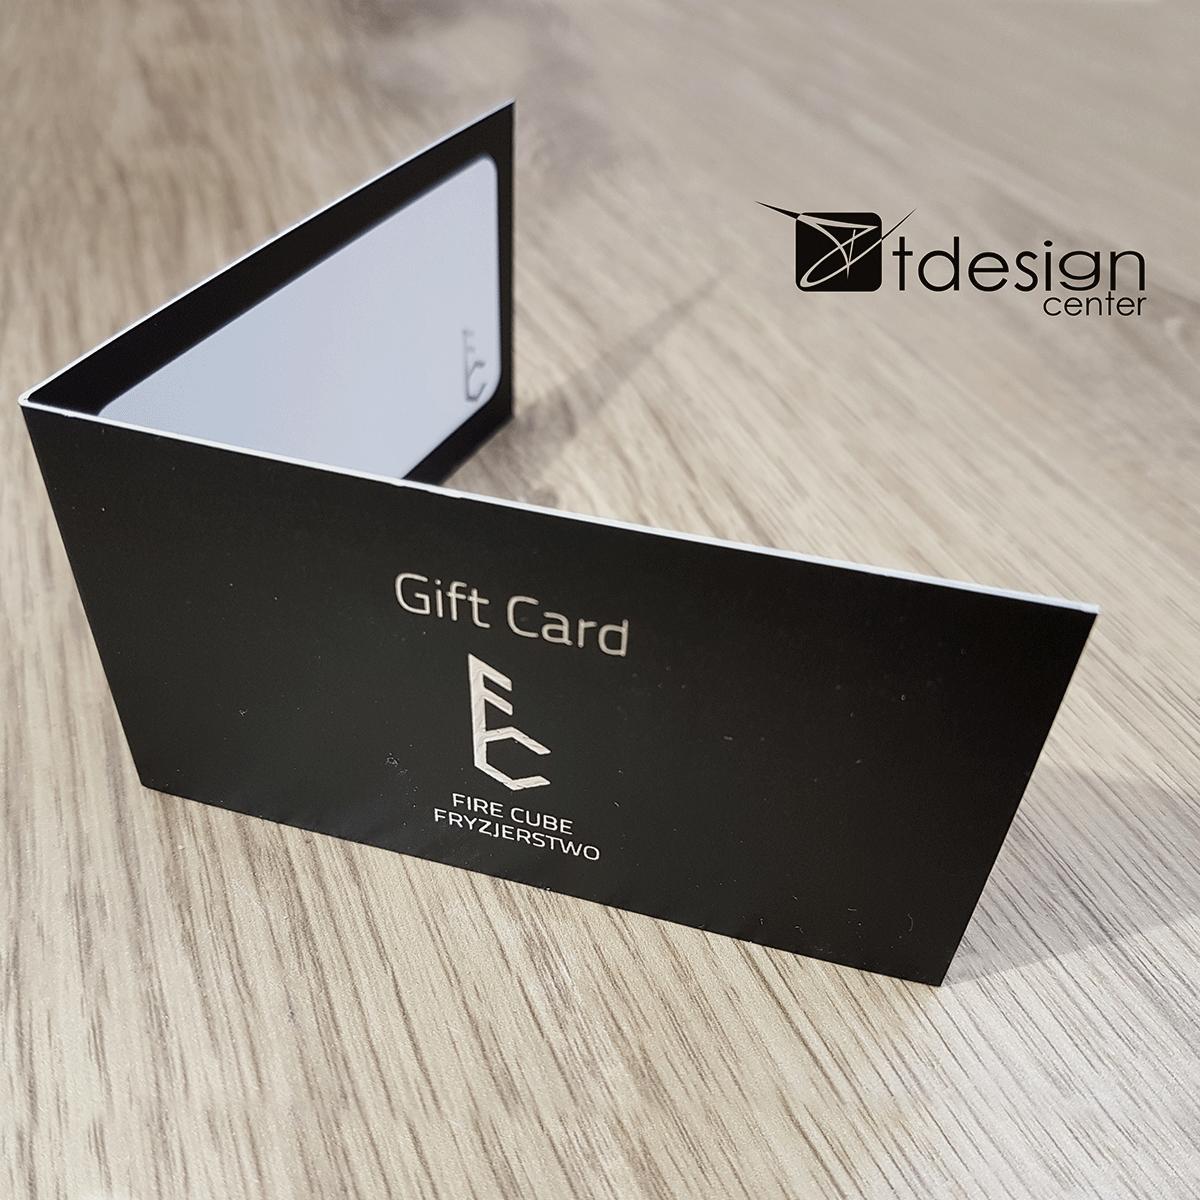 Gift Cards z dodatkowym uszlachetnieniem LiquidMetal SILVER, projekt i druk - realizacja dla salonu fryzjerskiego Fire Cube